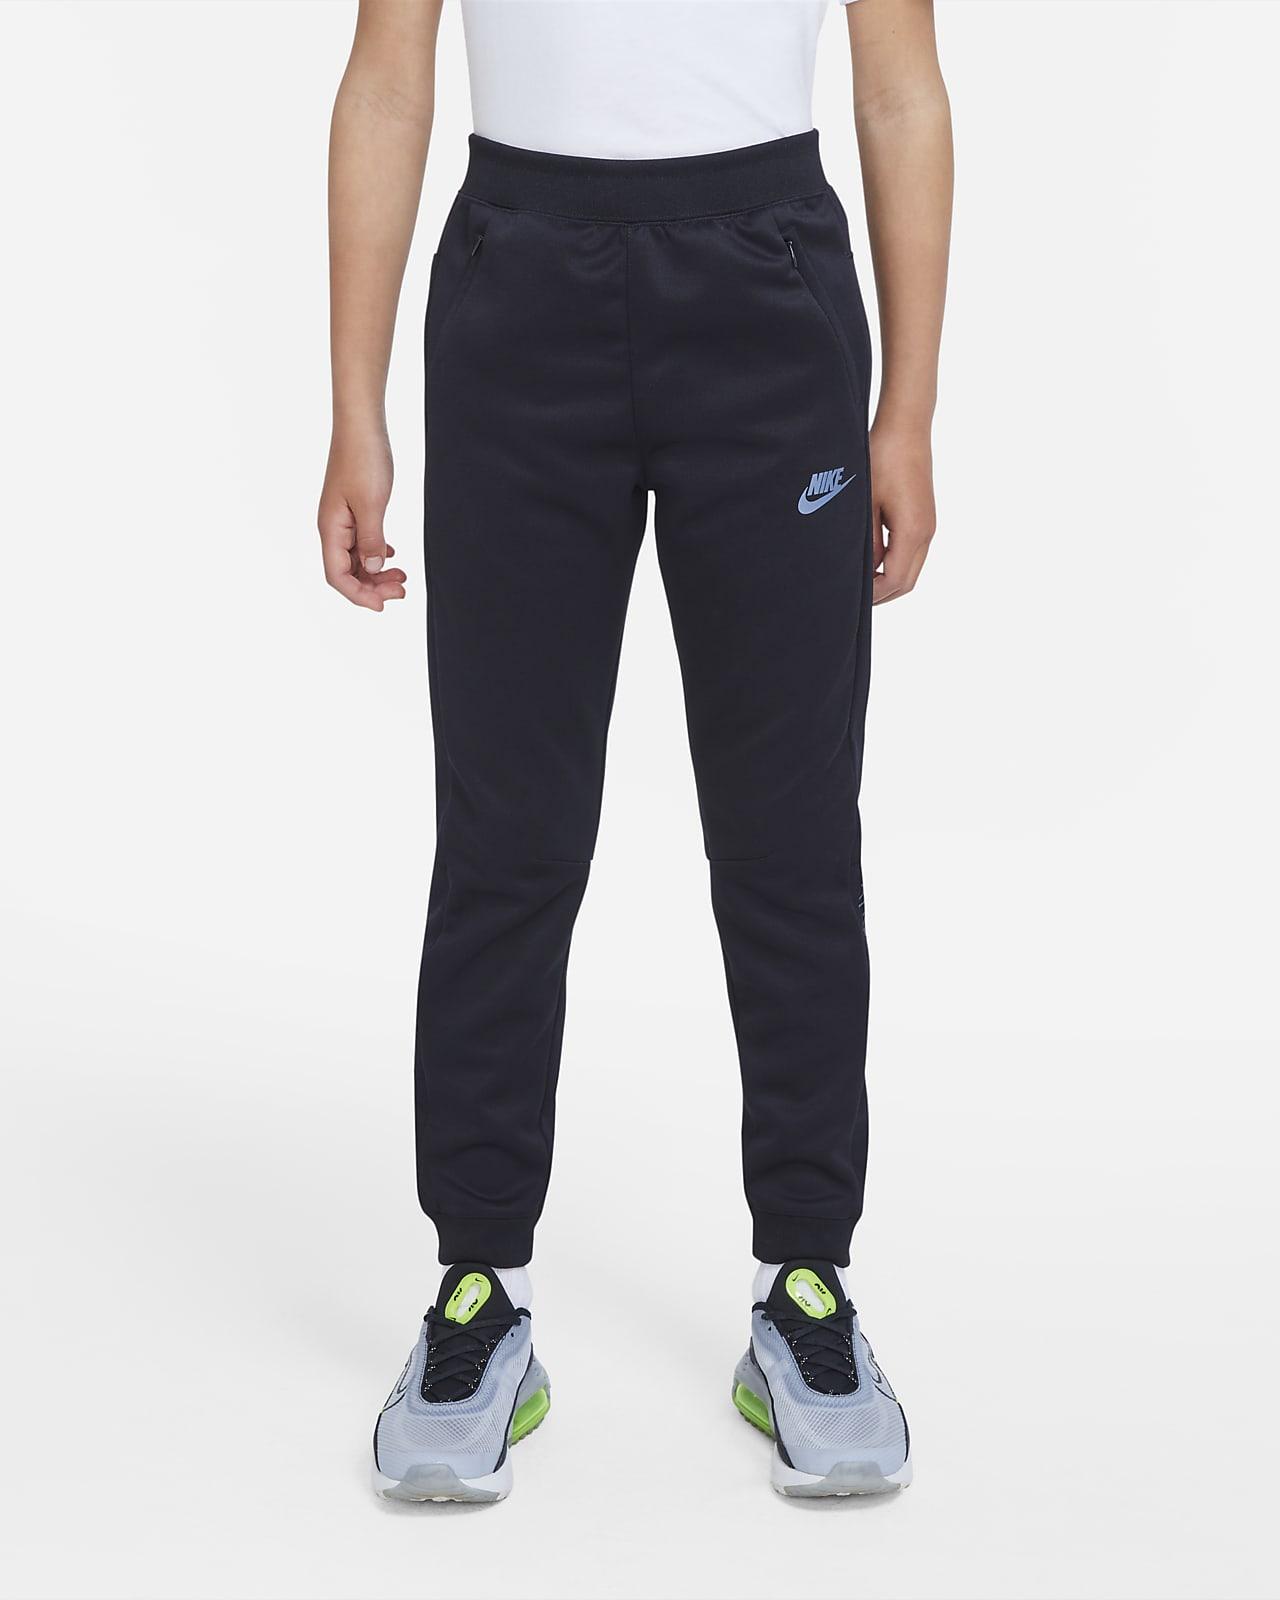 Calças desportivas Nike Air Max Júnior (Rapaz)